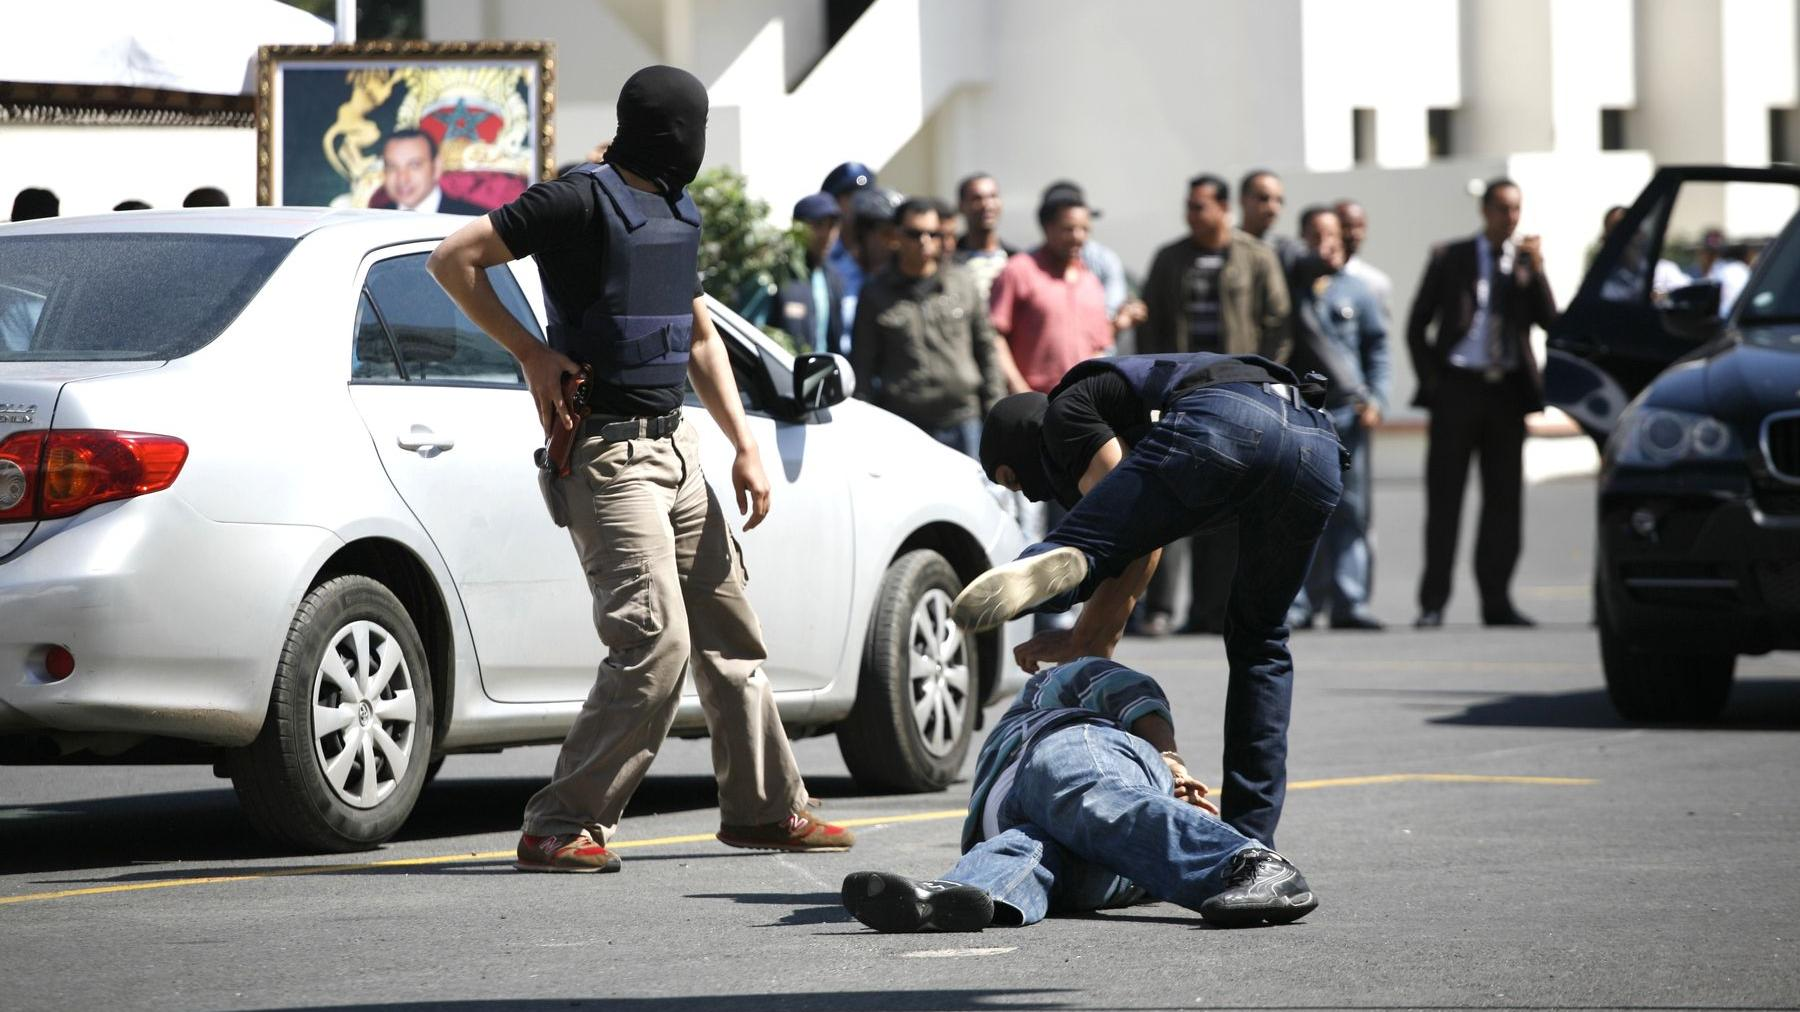 صور رائعة للشرطة المغربية 2014 Police20